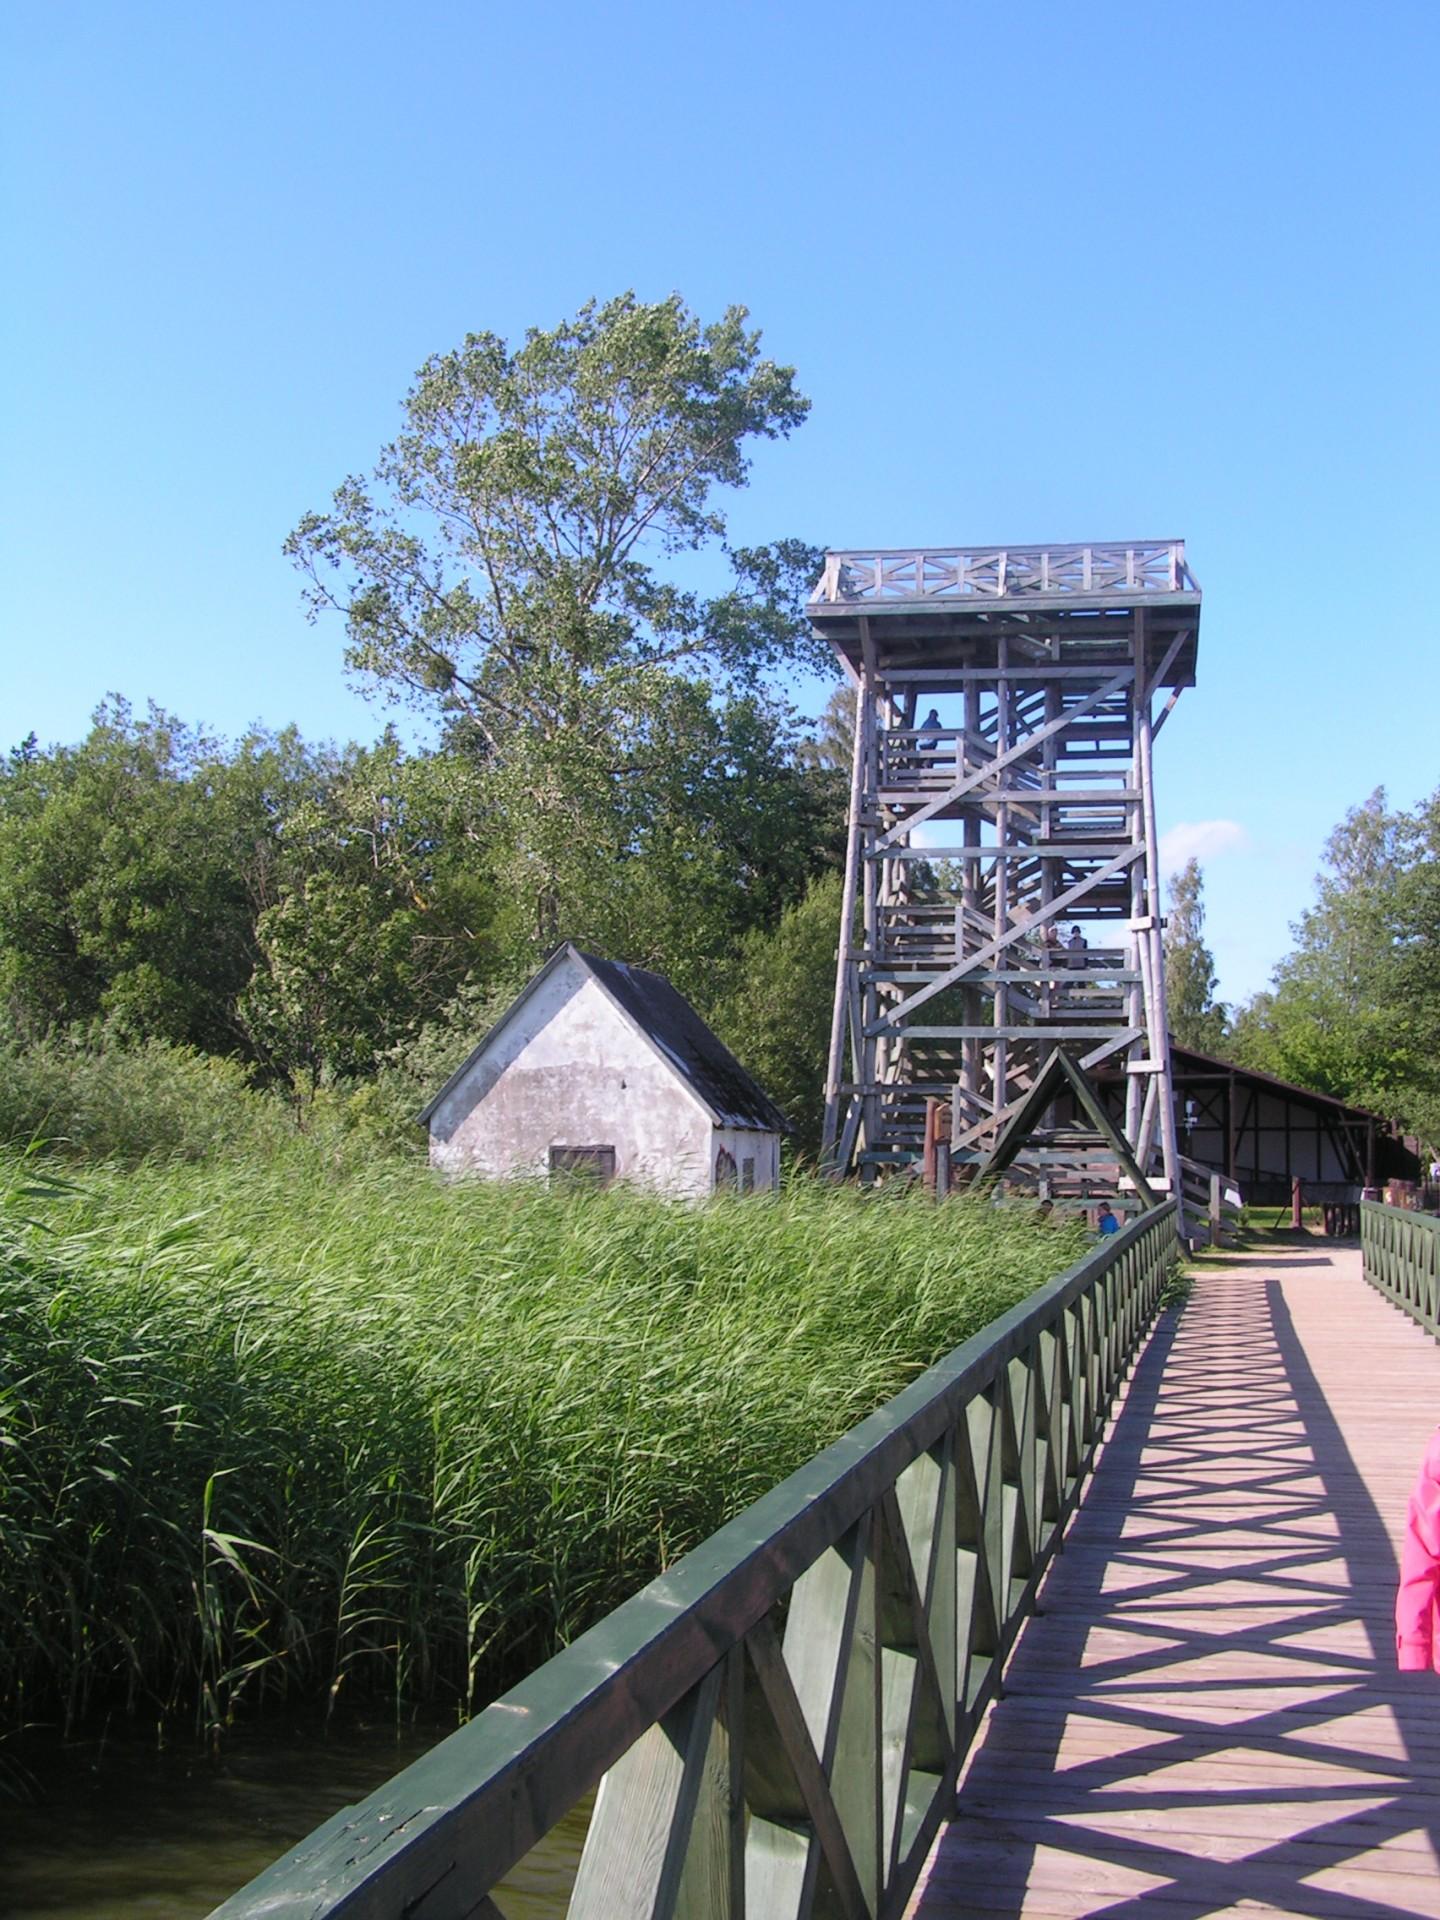 Fot.: Rąbka, Wieża widokowa, źródło: Wikipedia, autor: Kapsuglan